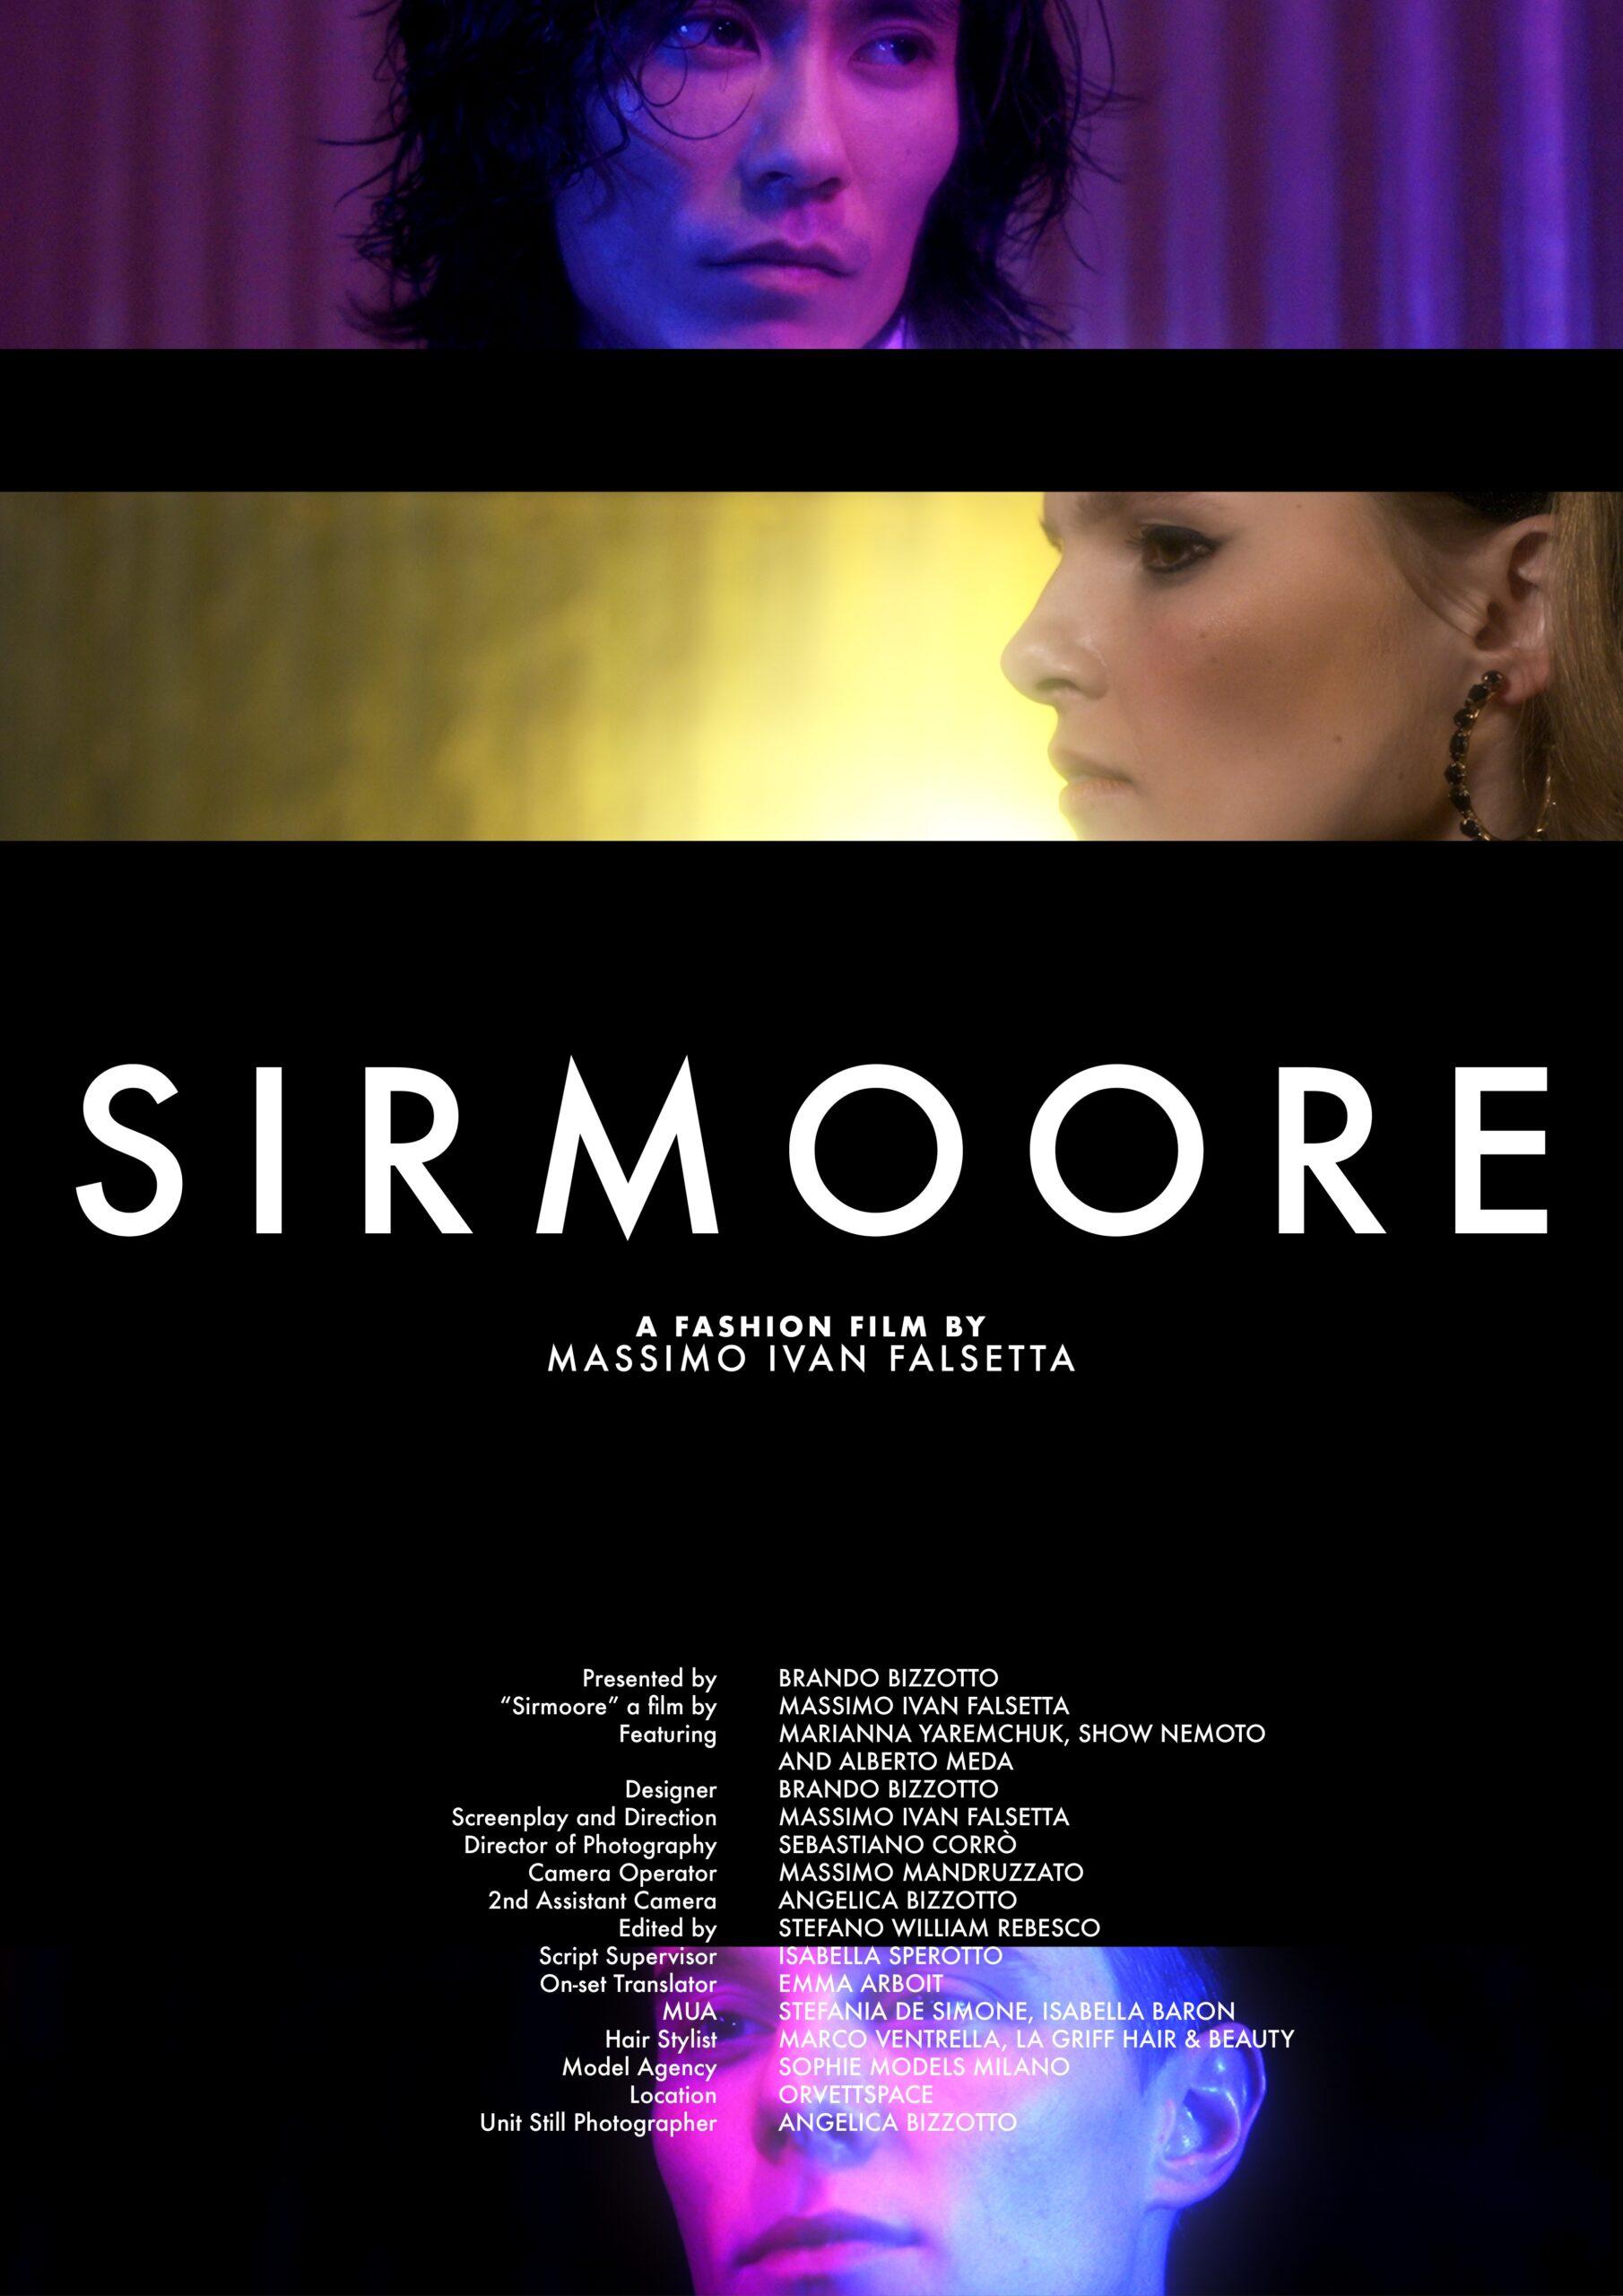 mif-sirmoor-02